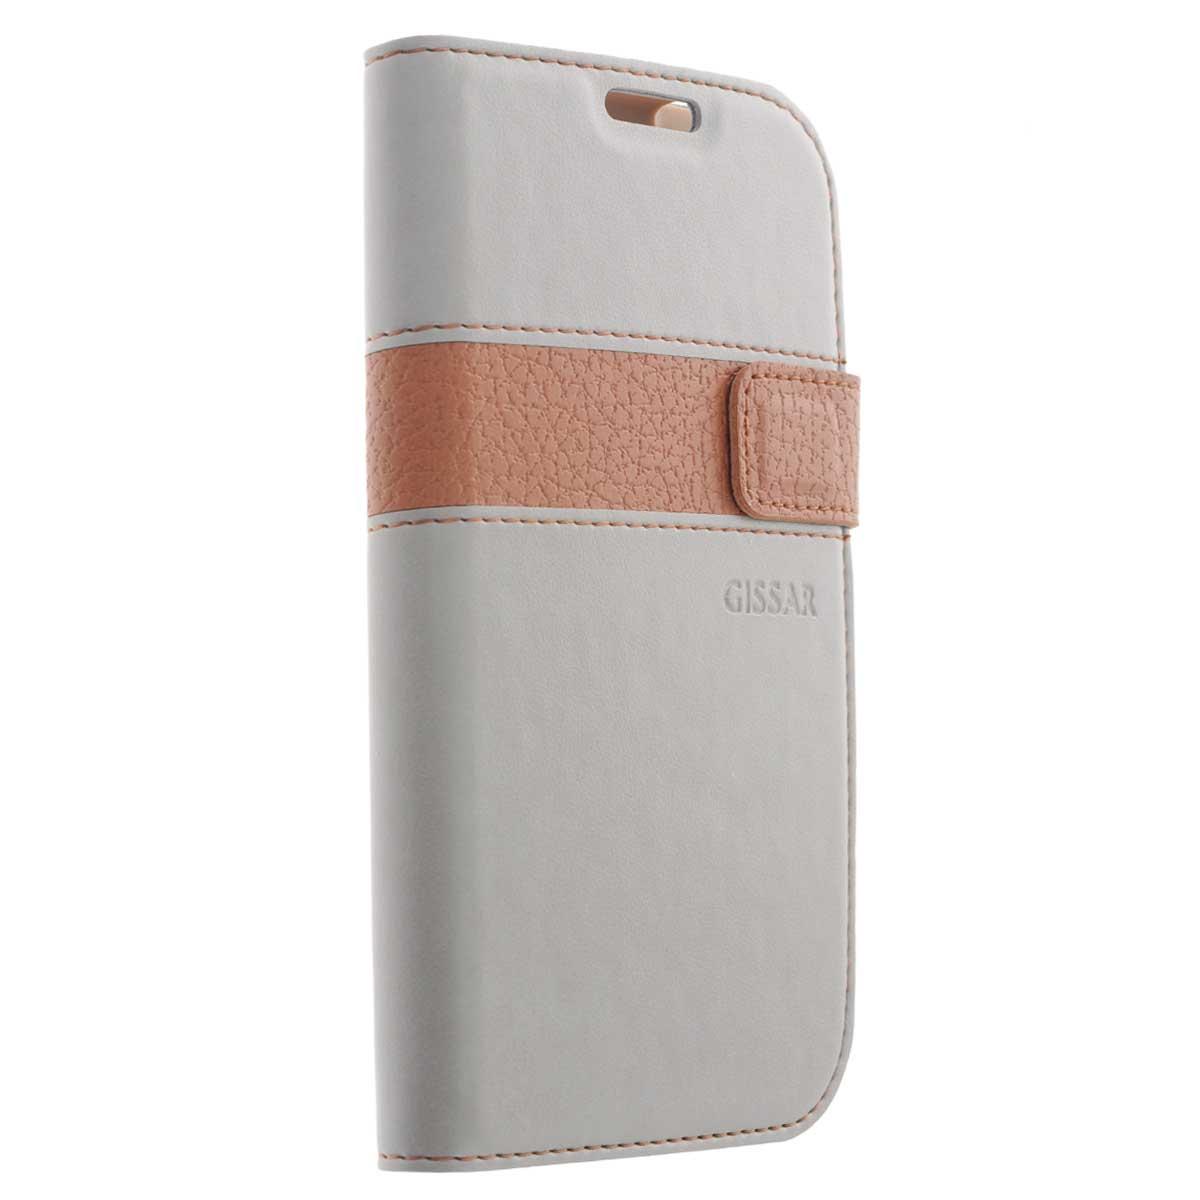 Gissar Essential чехол для Samsung Galaxy S4, Beige40260Чехол Gissar Essential для Samsung Galaxy S4 предназначен для защиты корпуса телефона от механических повреждений и царапин в процессе эксплуатации. Имеет свободный доступ ко всем разъемам и кнопкам устройства.